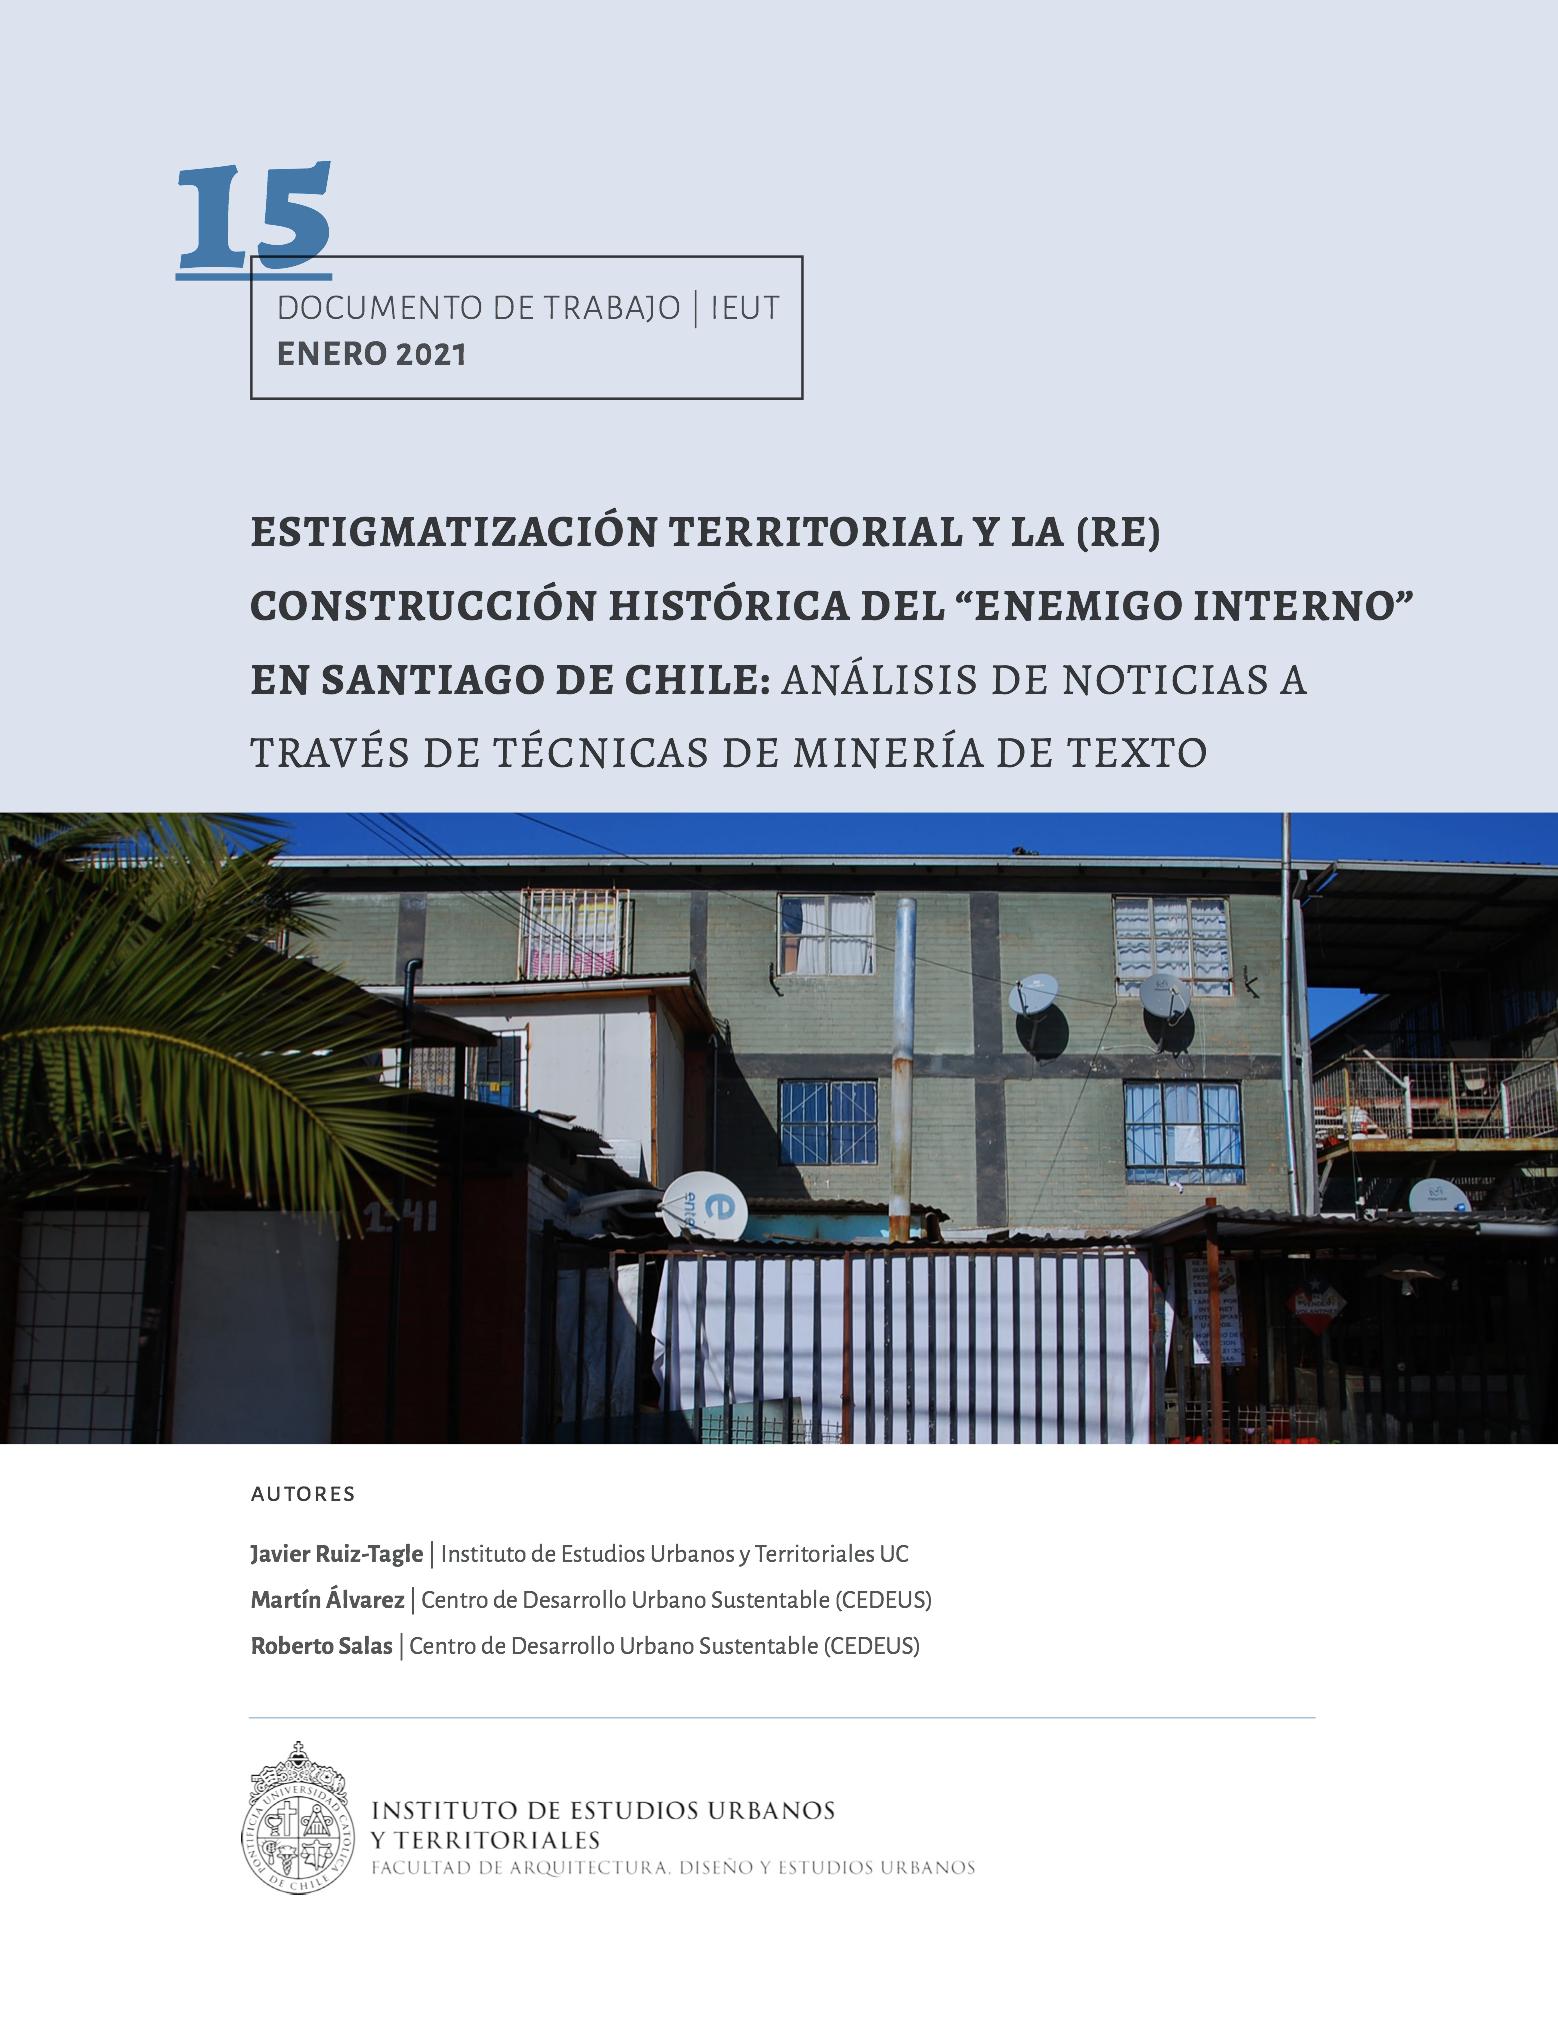 """Estigmatización territorial y la (re)construcción histórica del """"enemigo interno"""" en Santiago de Chile: análisis de noticias a través de técnicas de minería de texto"""